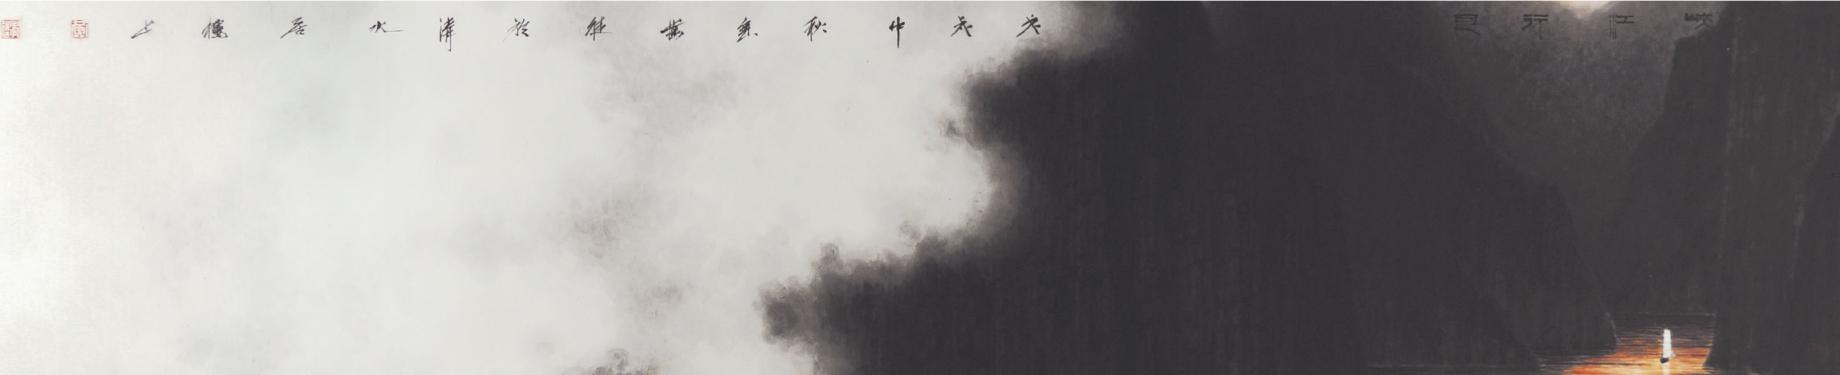 Gorges et nuages, encre et couleur sur papier de Wong Hau Kwei (Huang Xiakui, née en ), exécuté en 2018